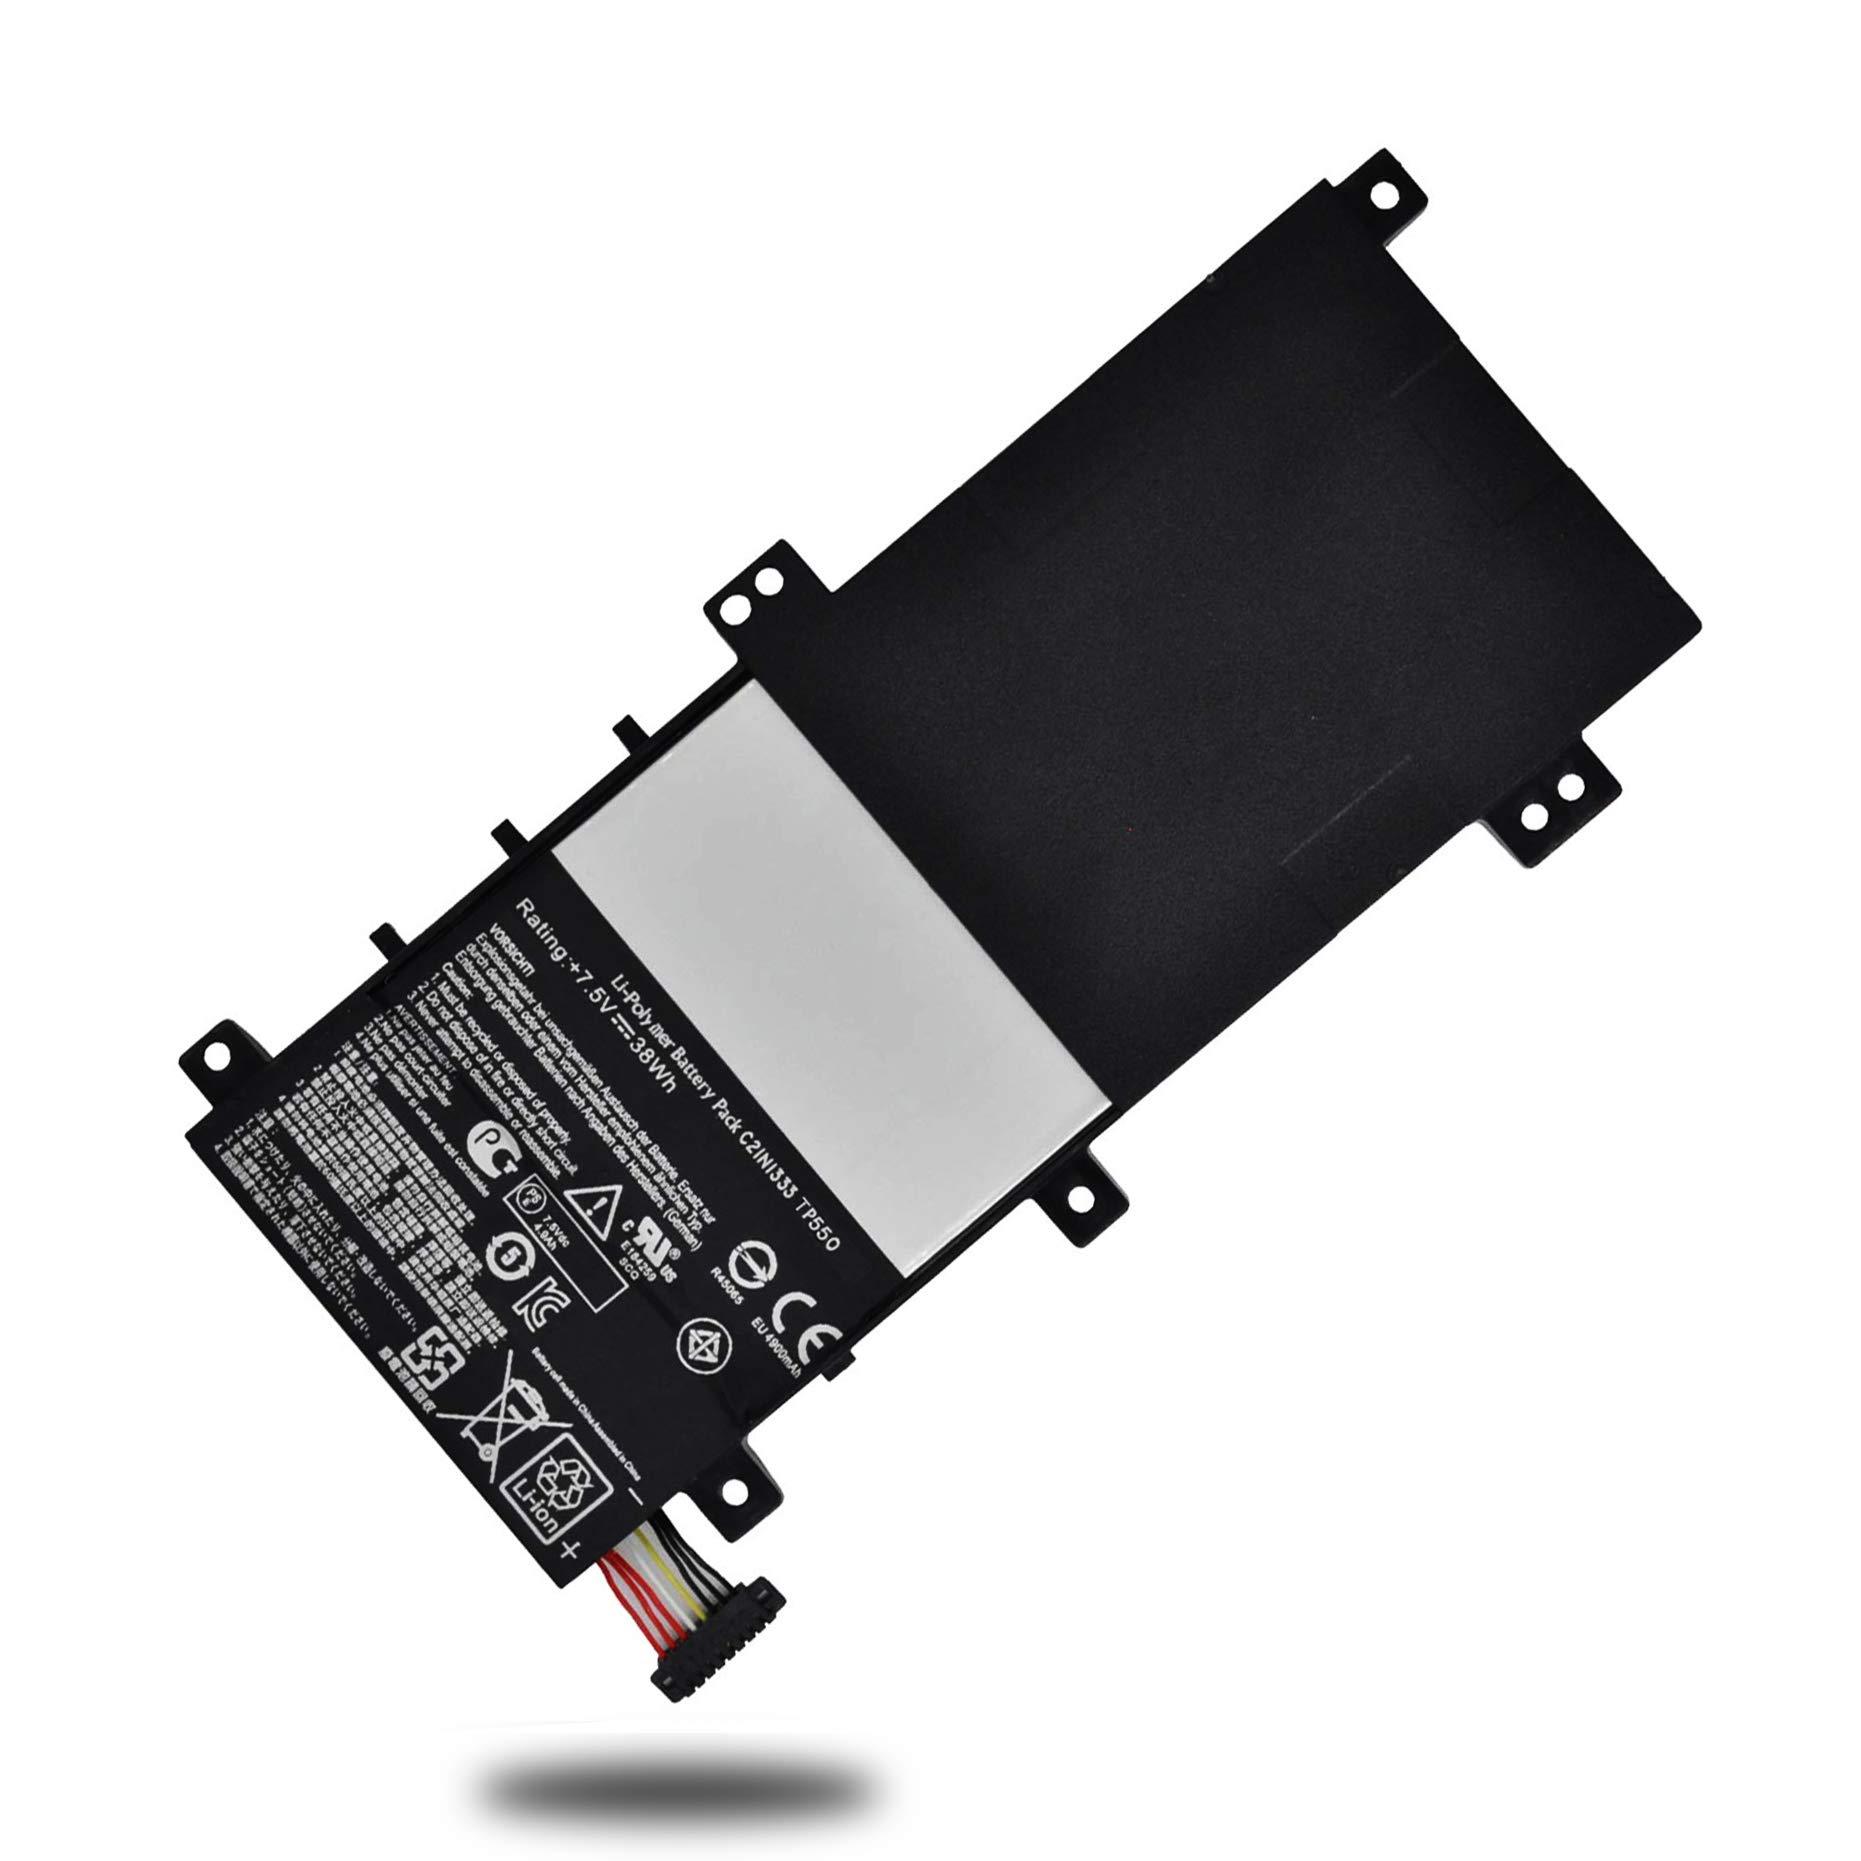 Bateria Para C21n1333 C21ni333 Asus Transformer Book Flip Tp550 R554l Tp550l Tp550la Tp550ld Tp550lj 0b200-00860400 - 7.